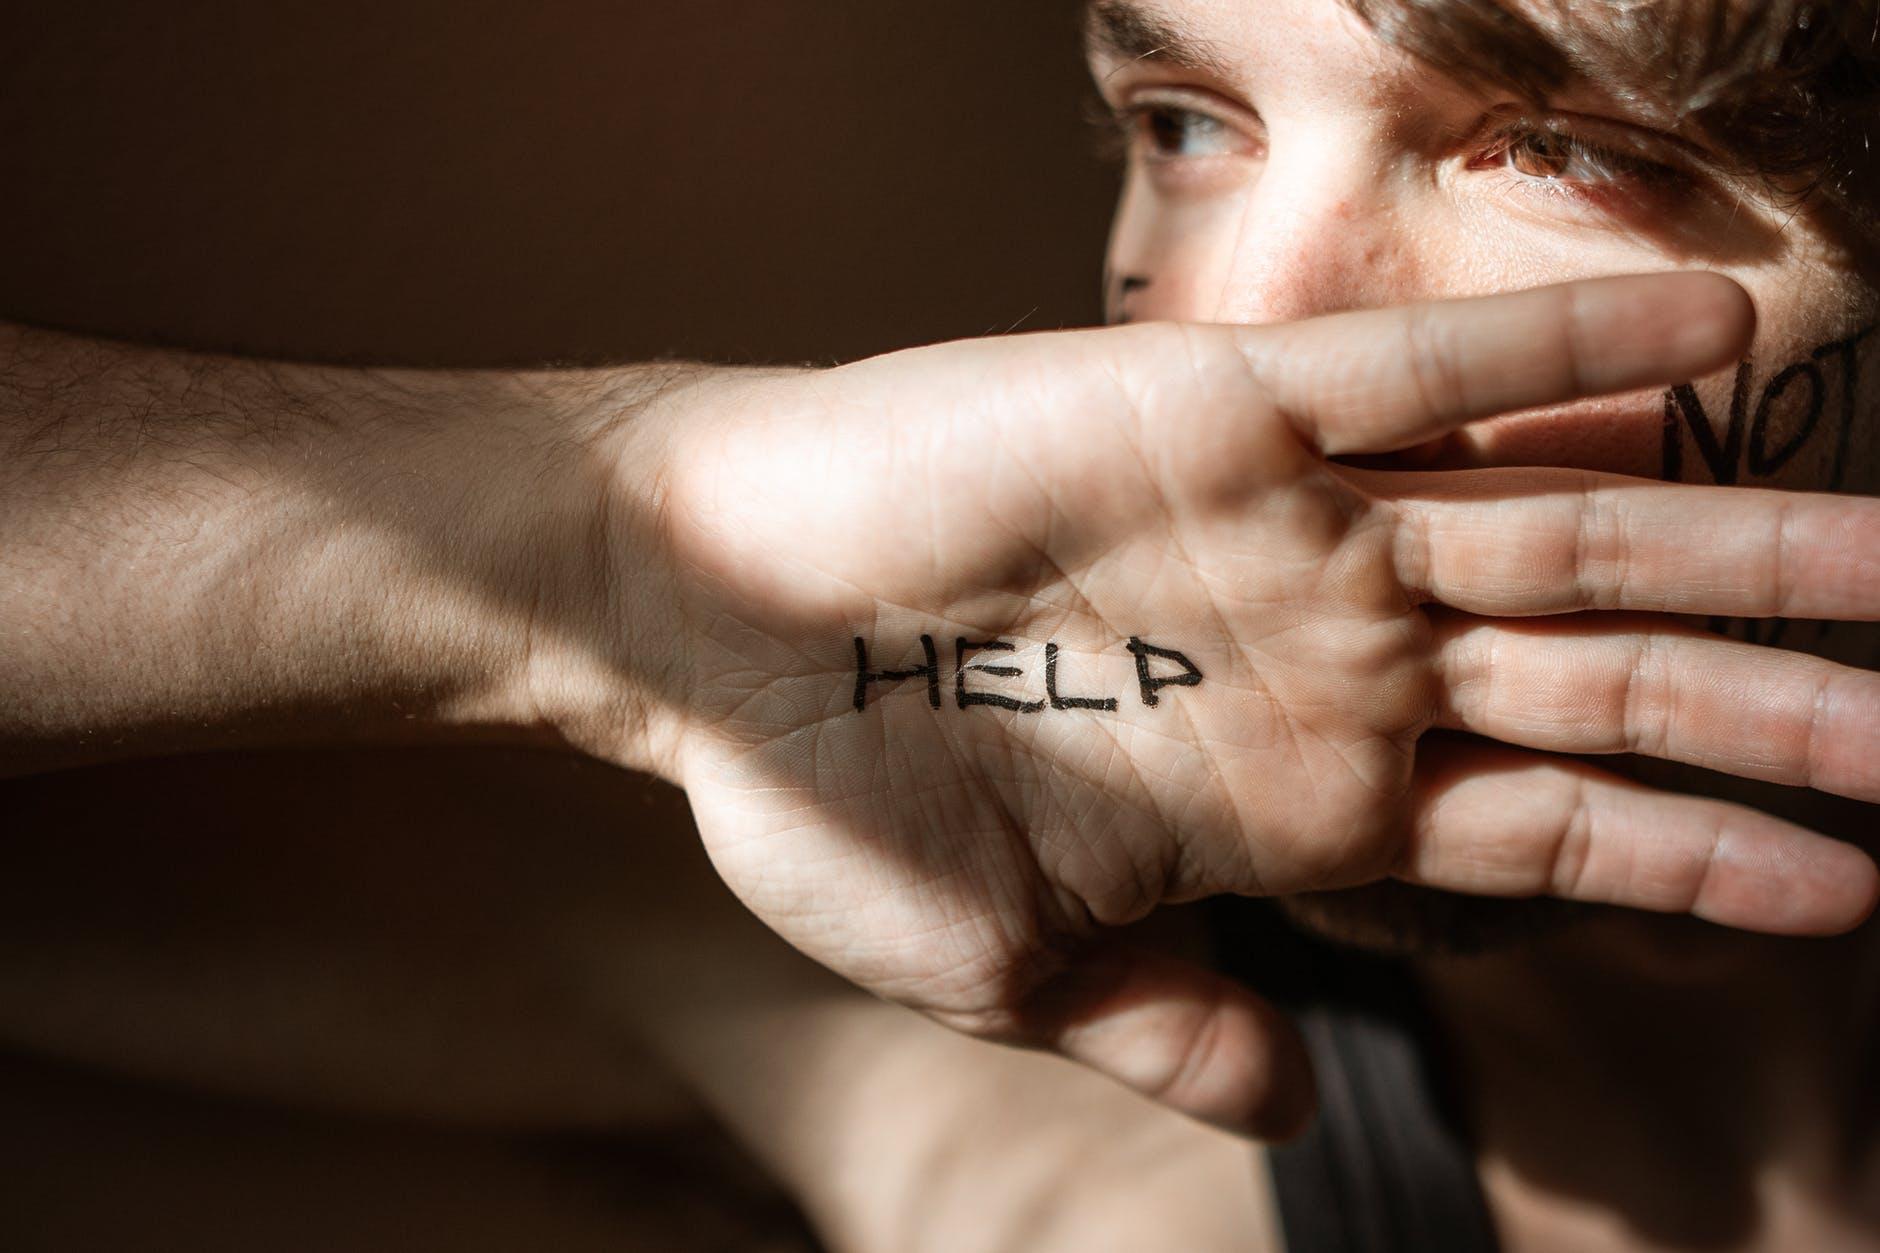 Ái kỷ và tâm lý thích làm anh hùng - nạn nhân